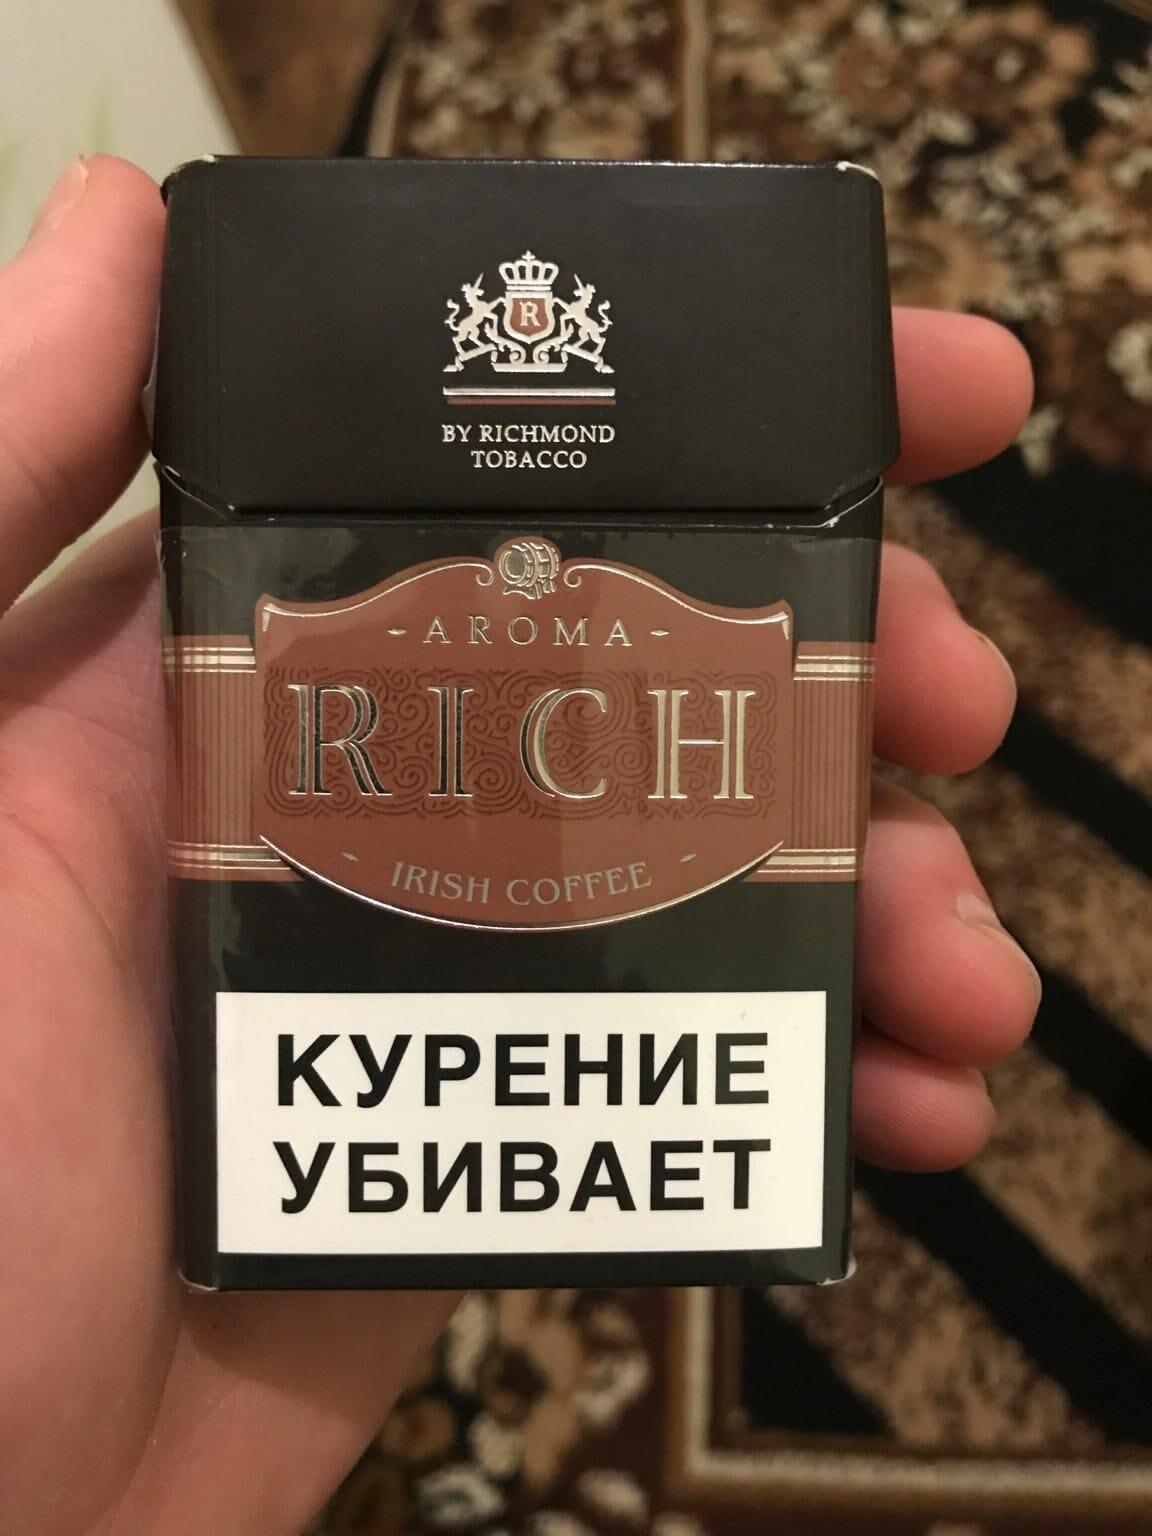 Где купить сигареты rich aroma электронные сигареты iceberg одноразовые